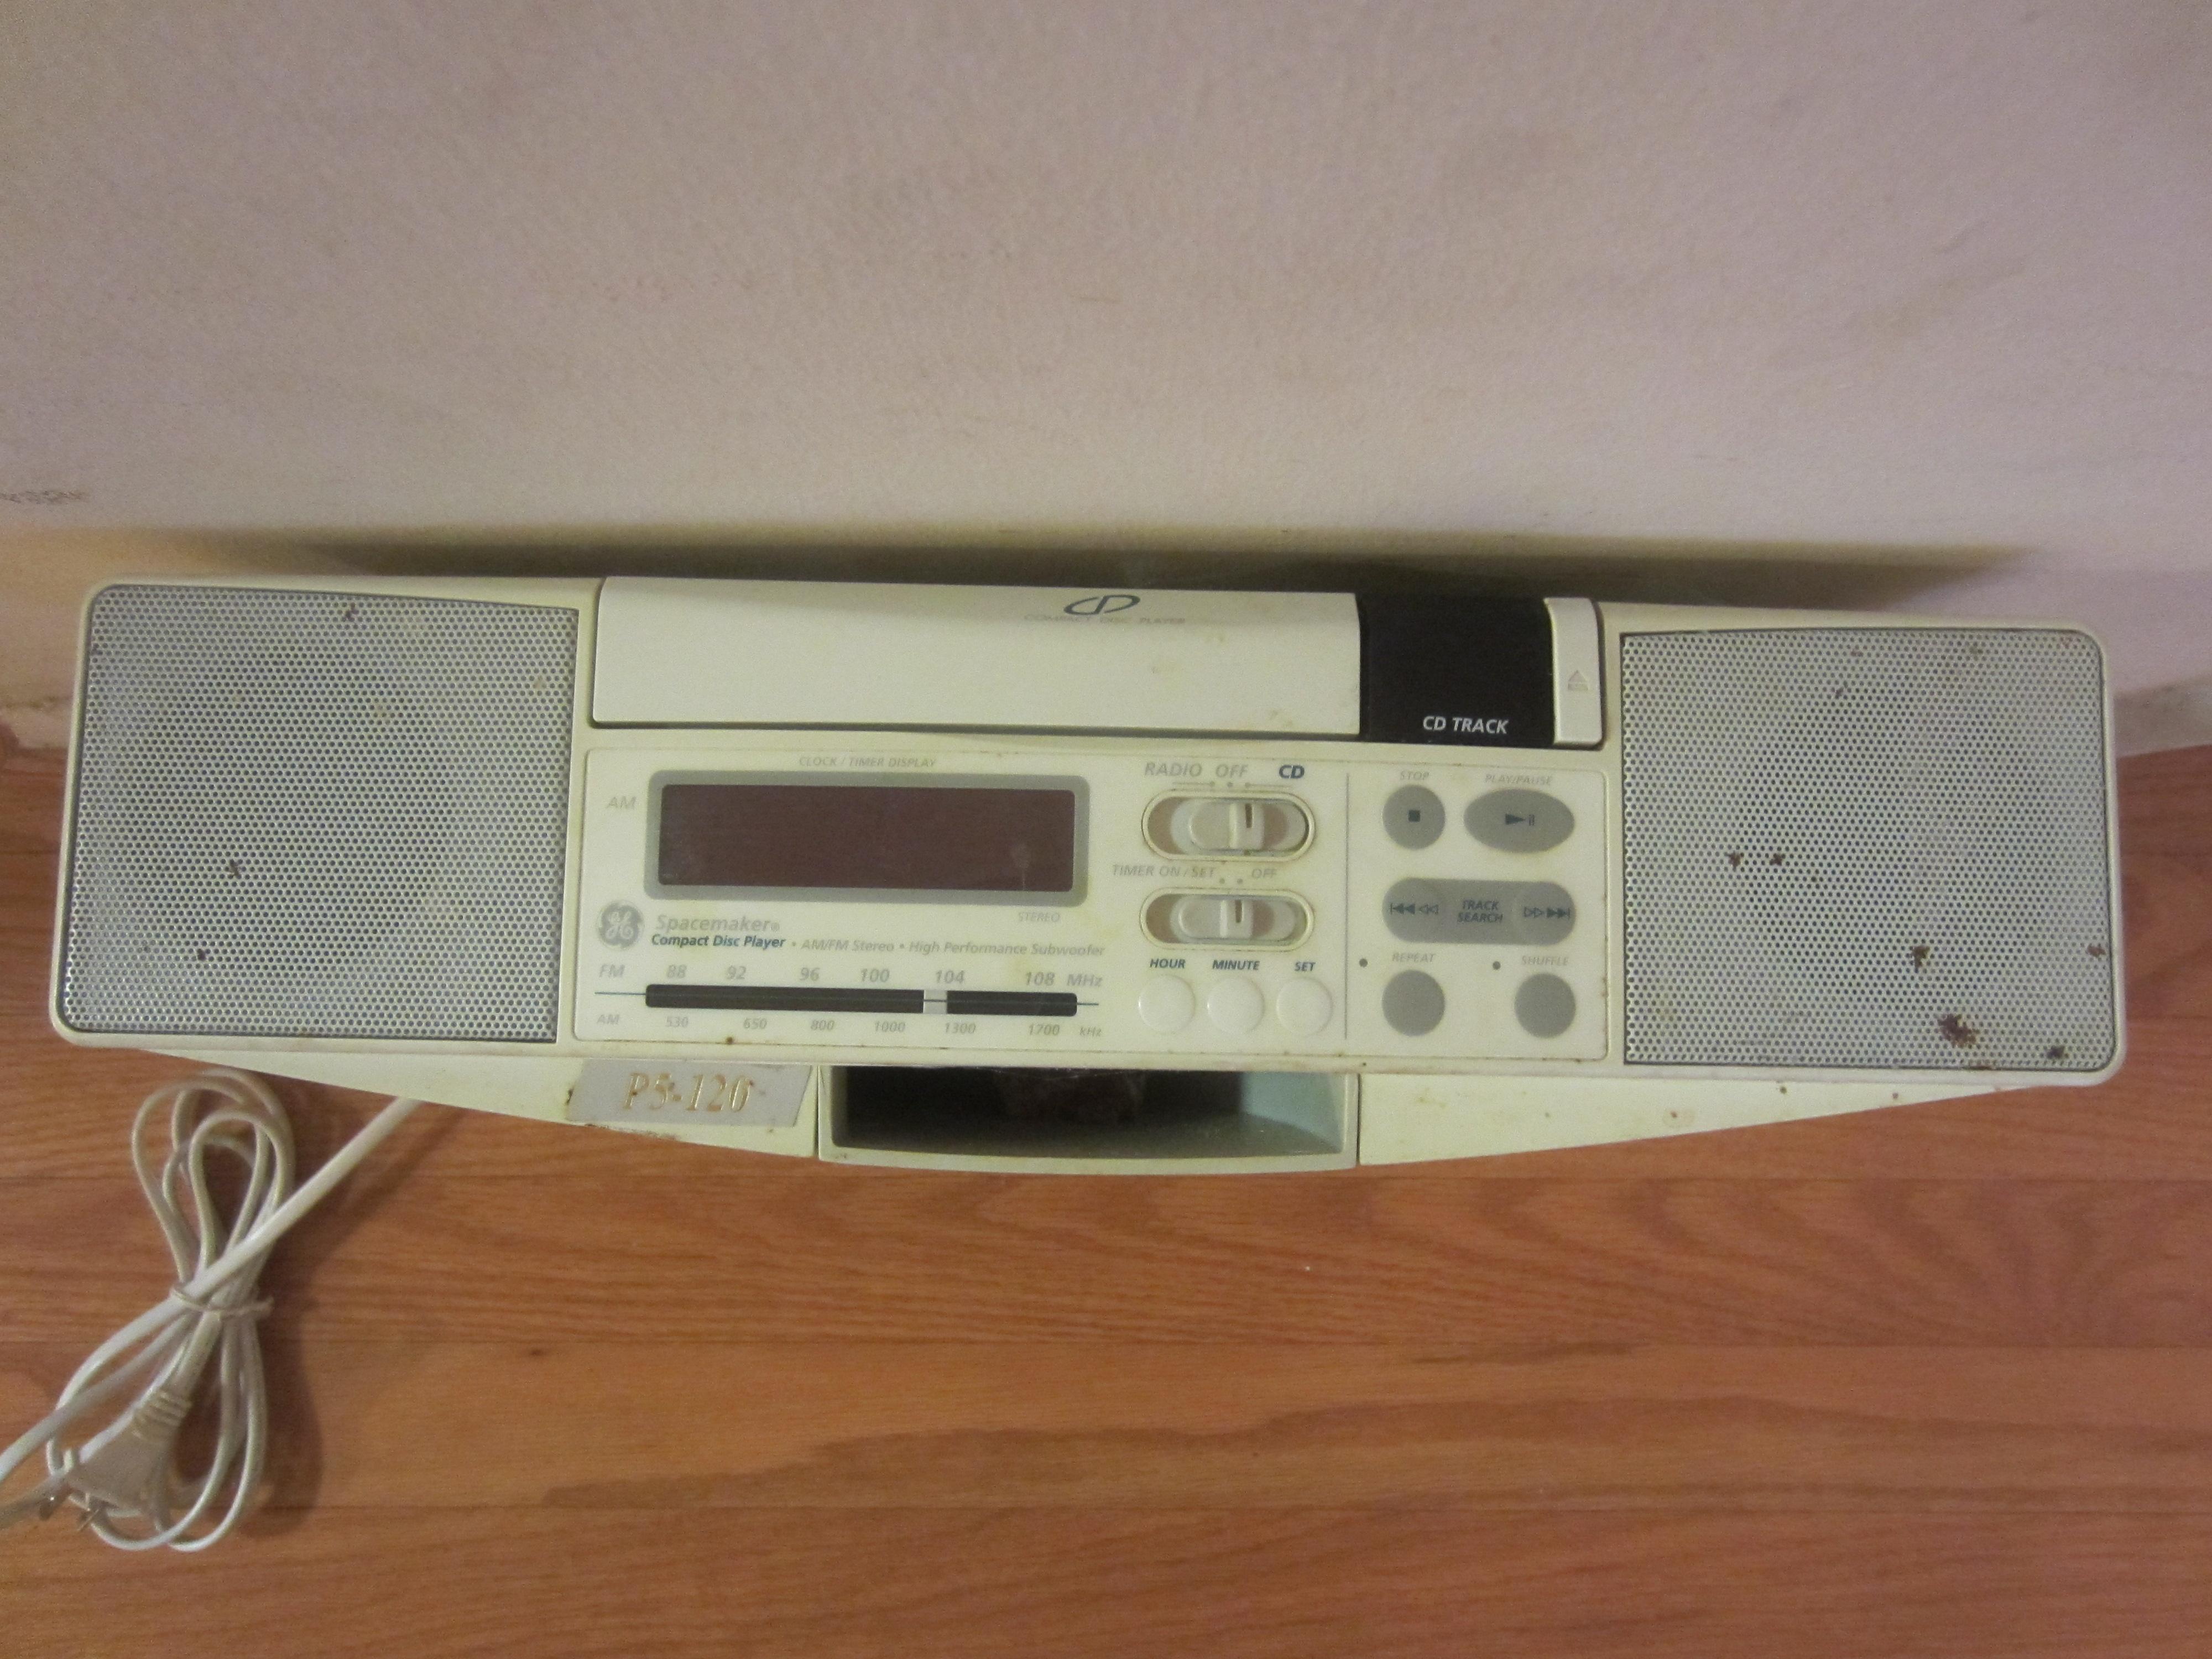 ge spacemaker 7 4290g under cabinet cd player am fm radio. Black Bedroom Furniture Sets. Home Design Ideas